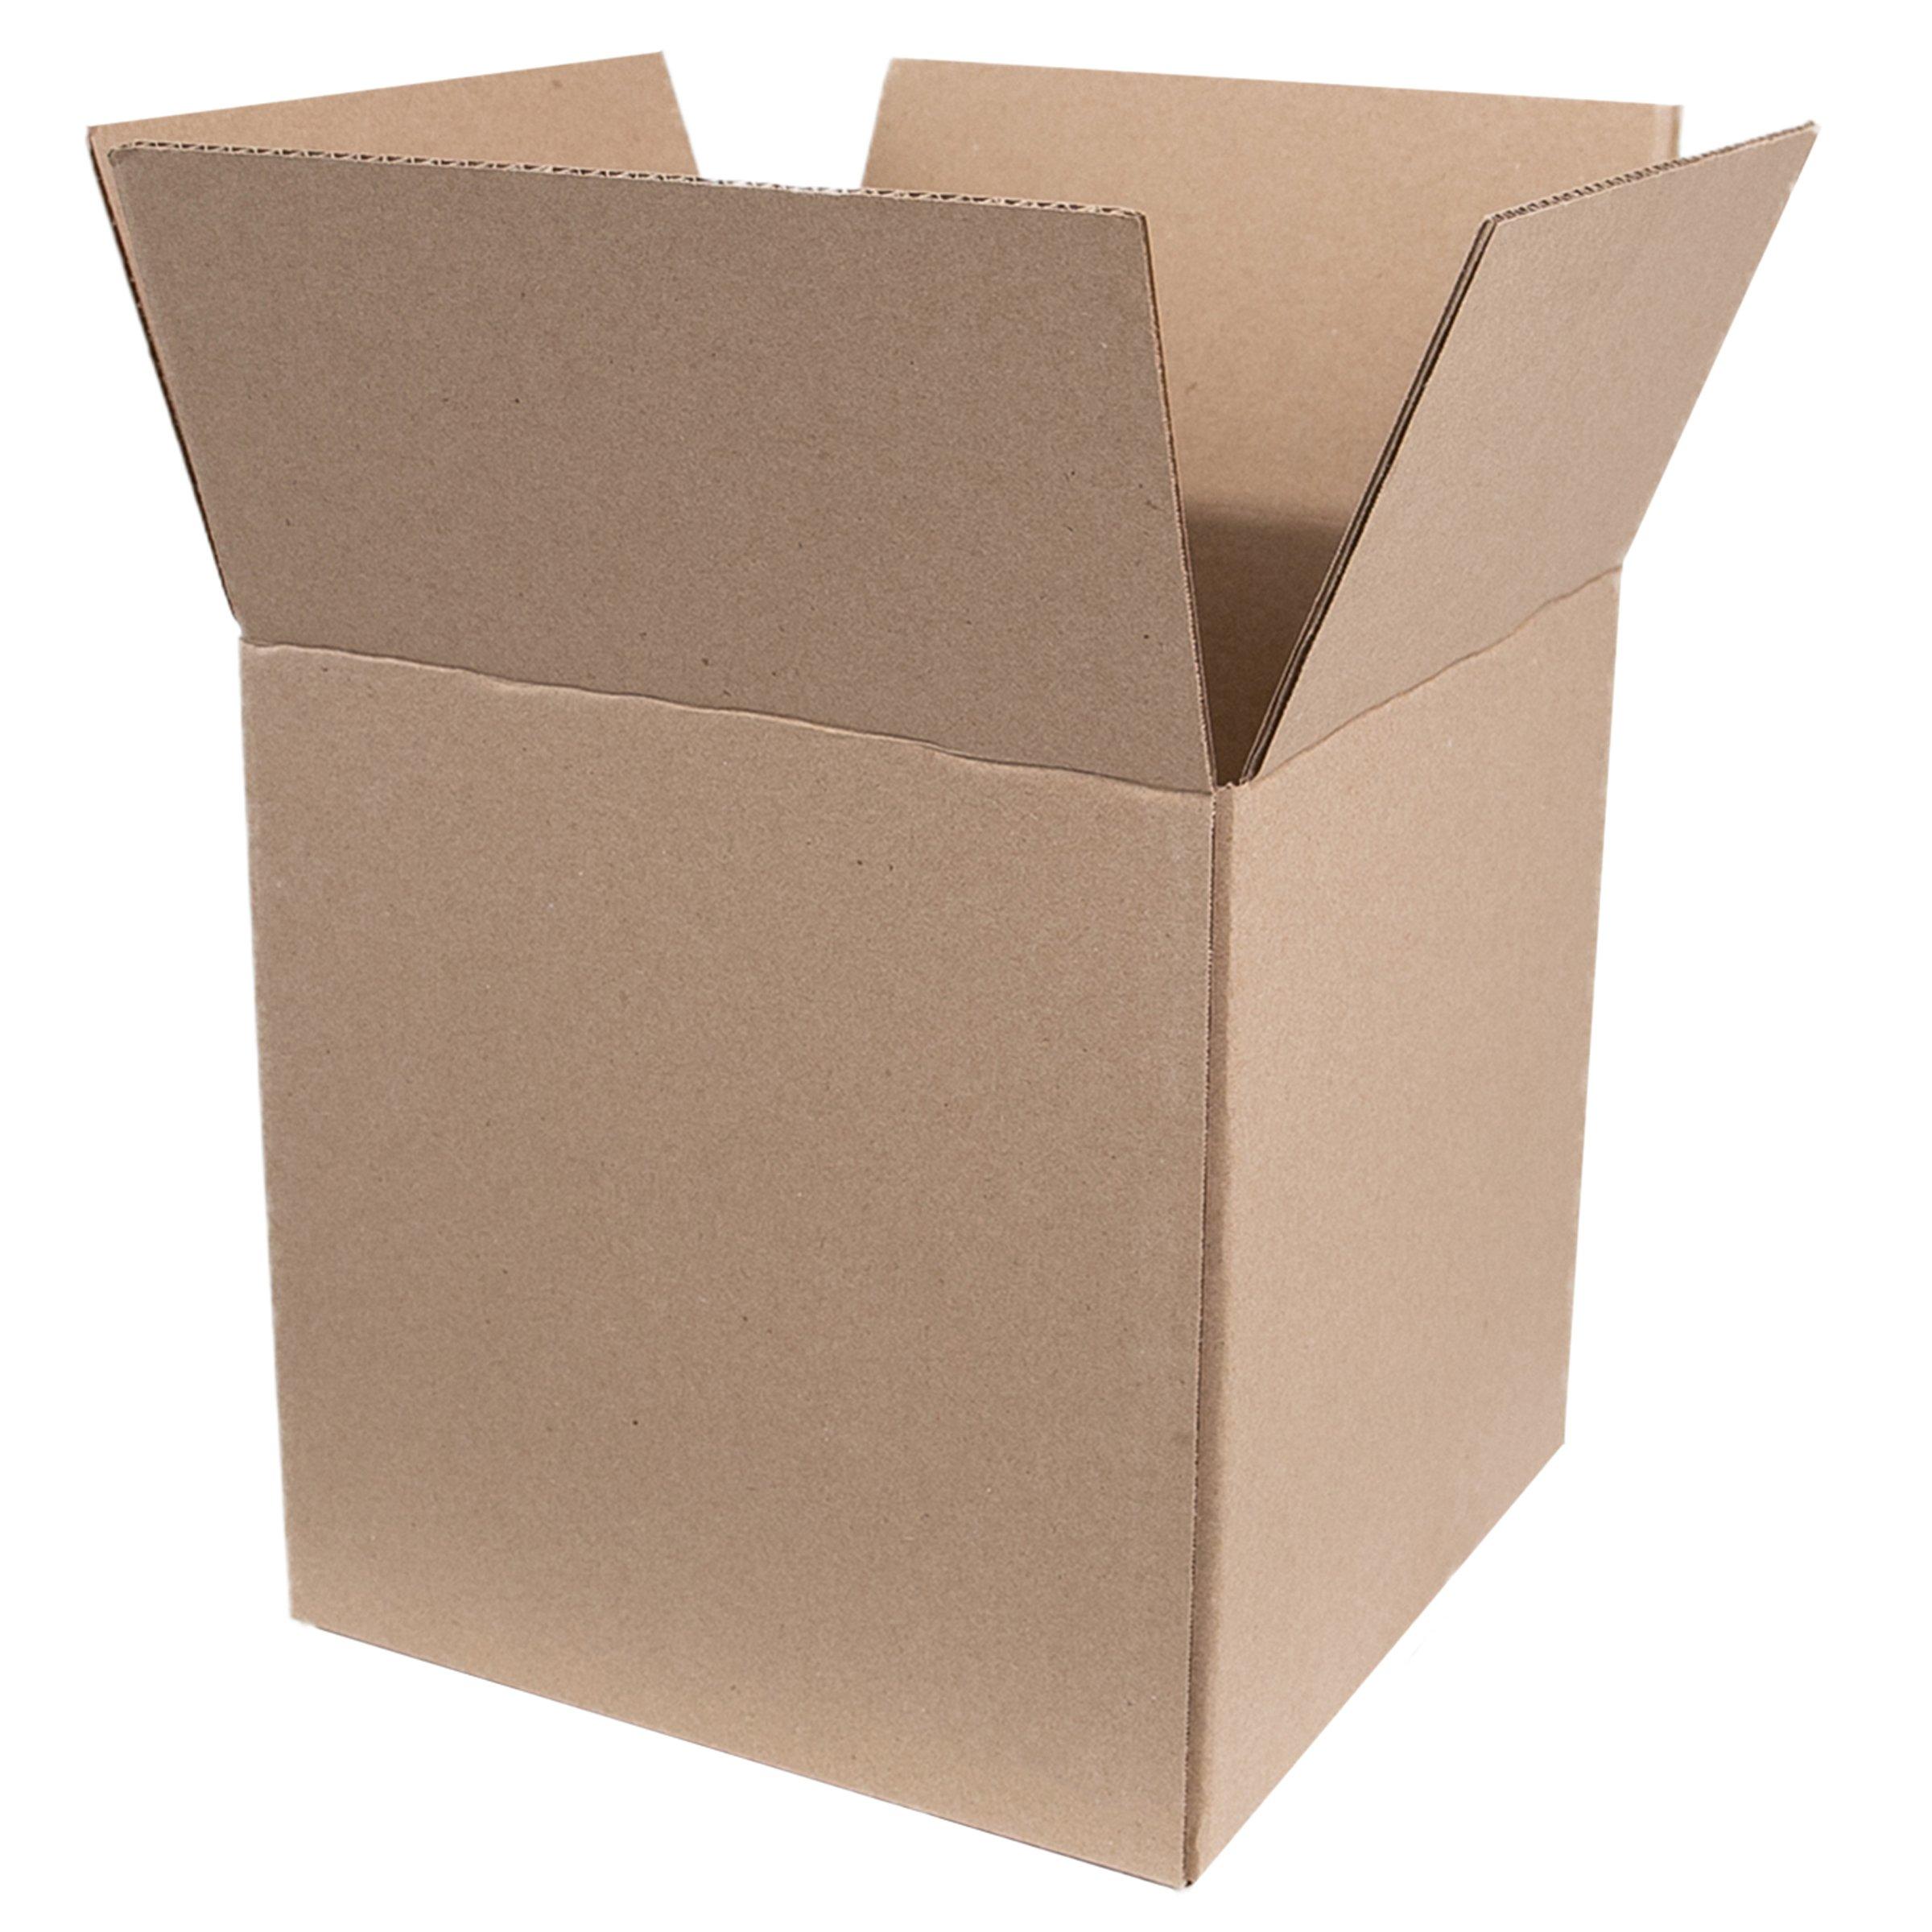 """Boxes - 9"""" x 9"""" x 9"""" (25 per bundle)"""